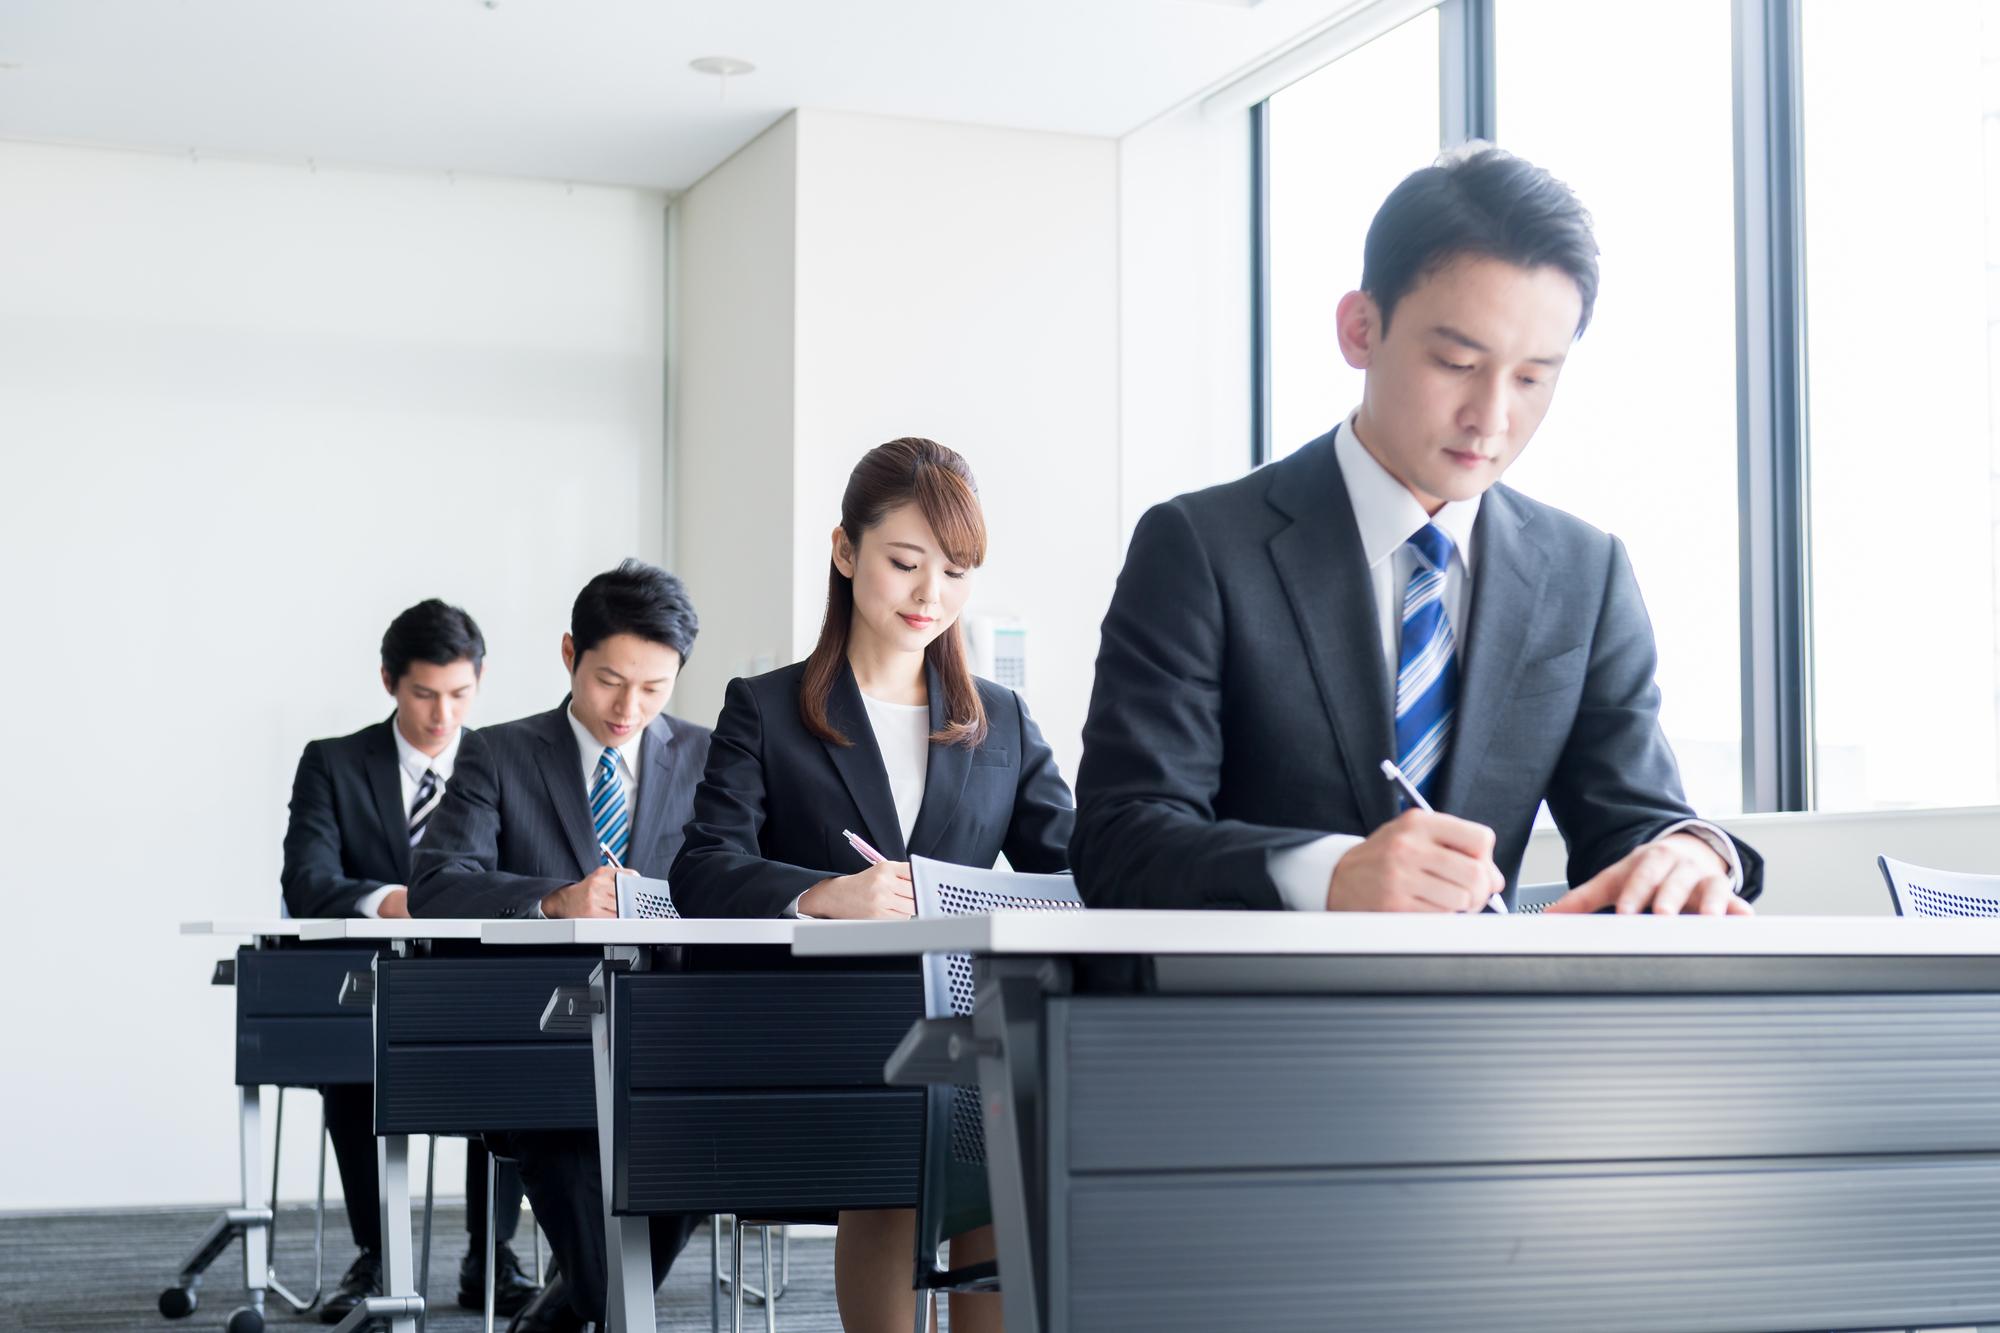 就活の筆記試験で落ちないための対策方法!